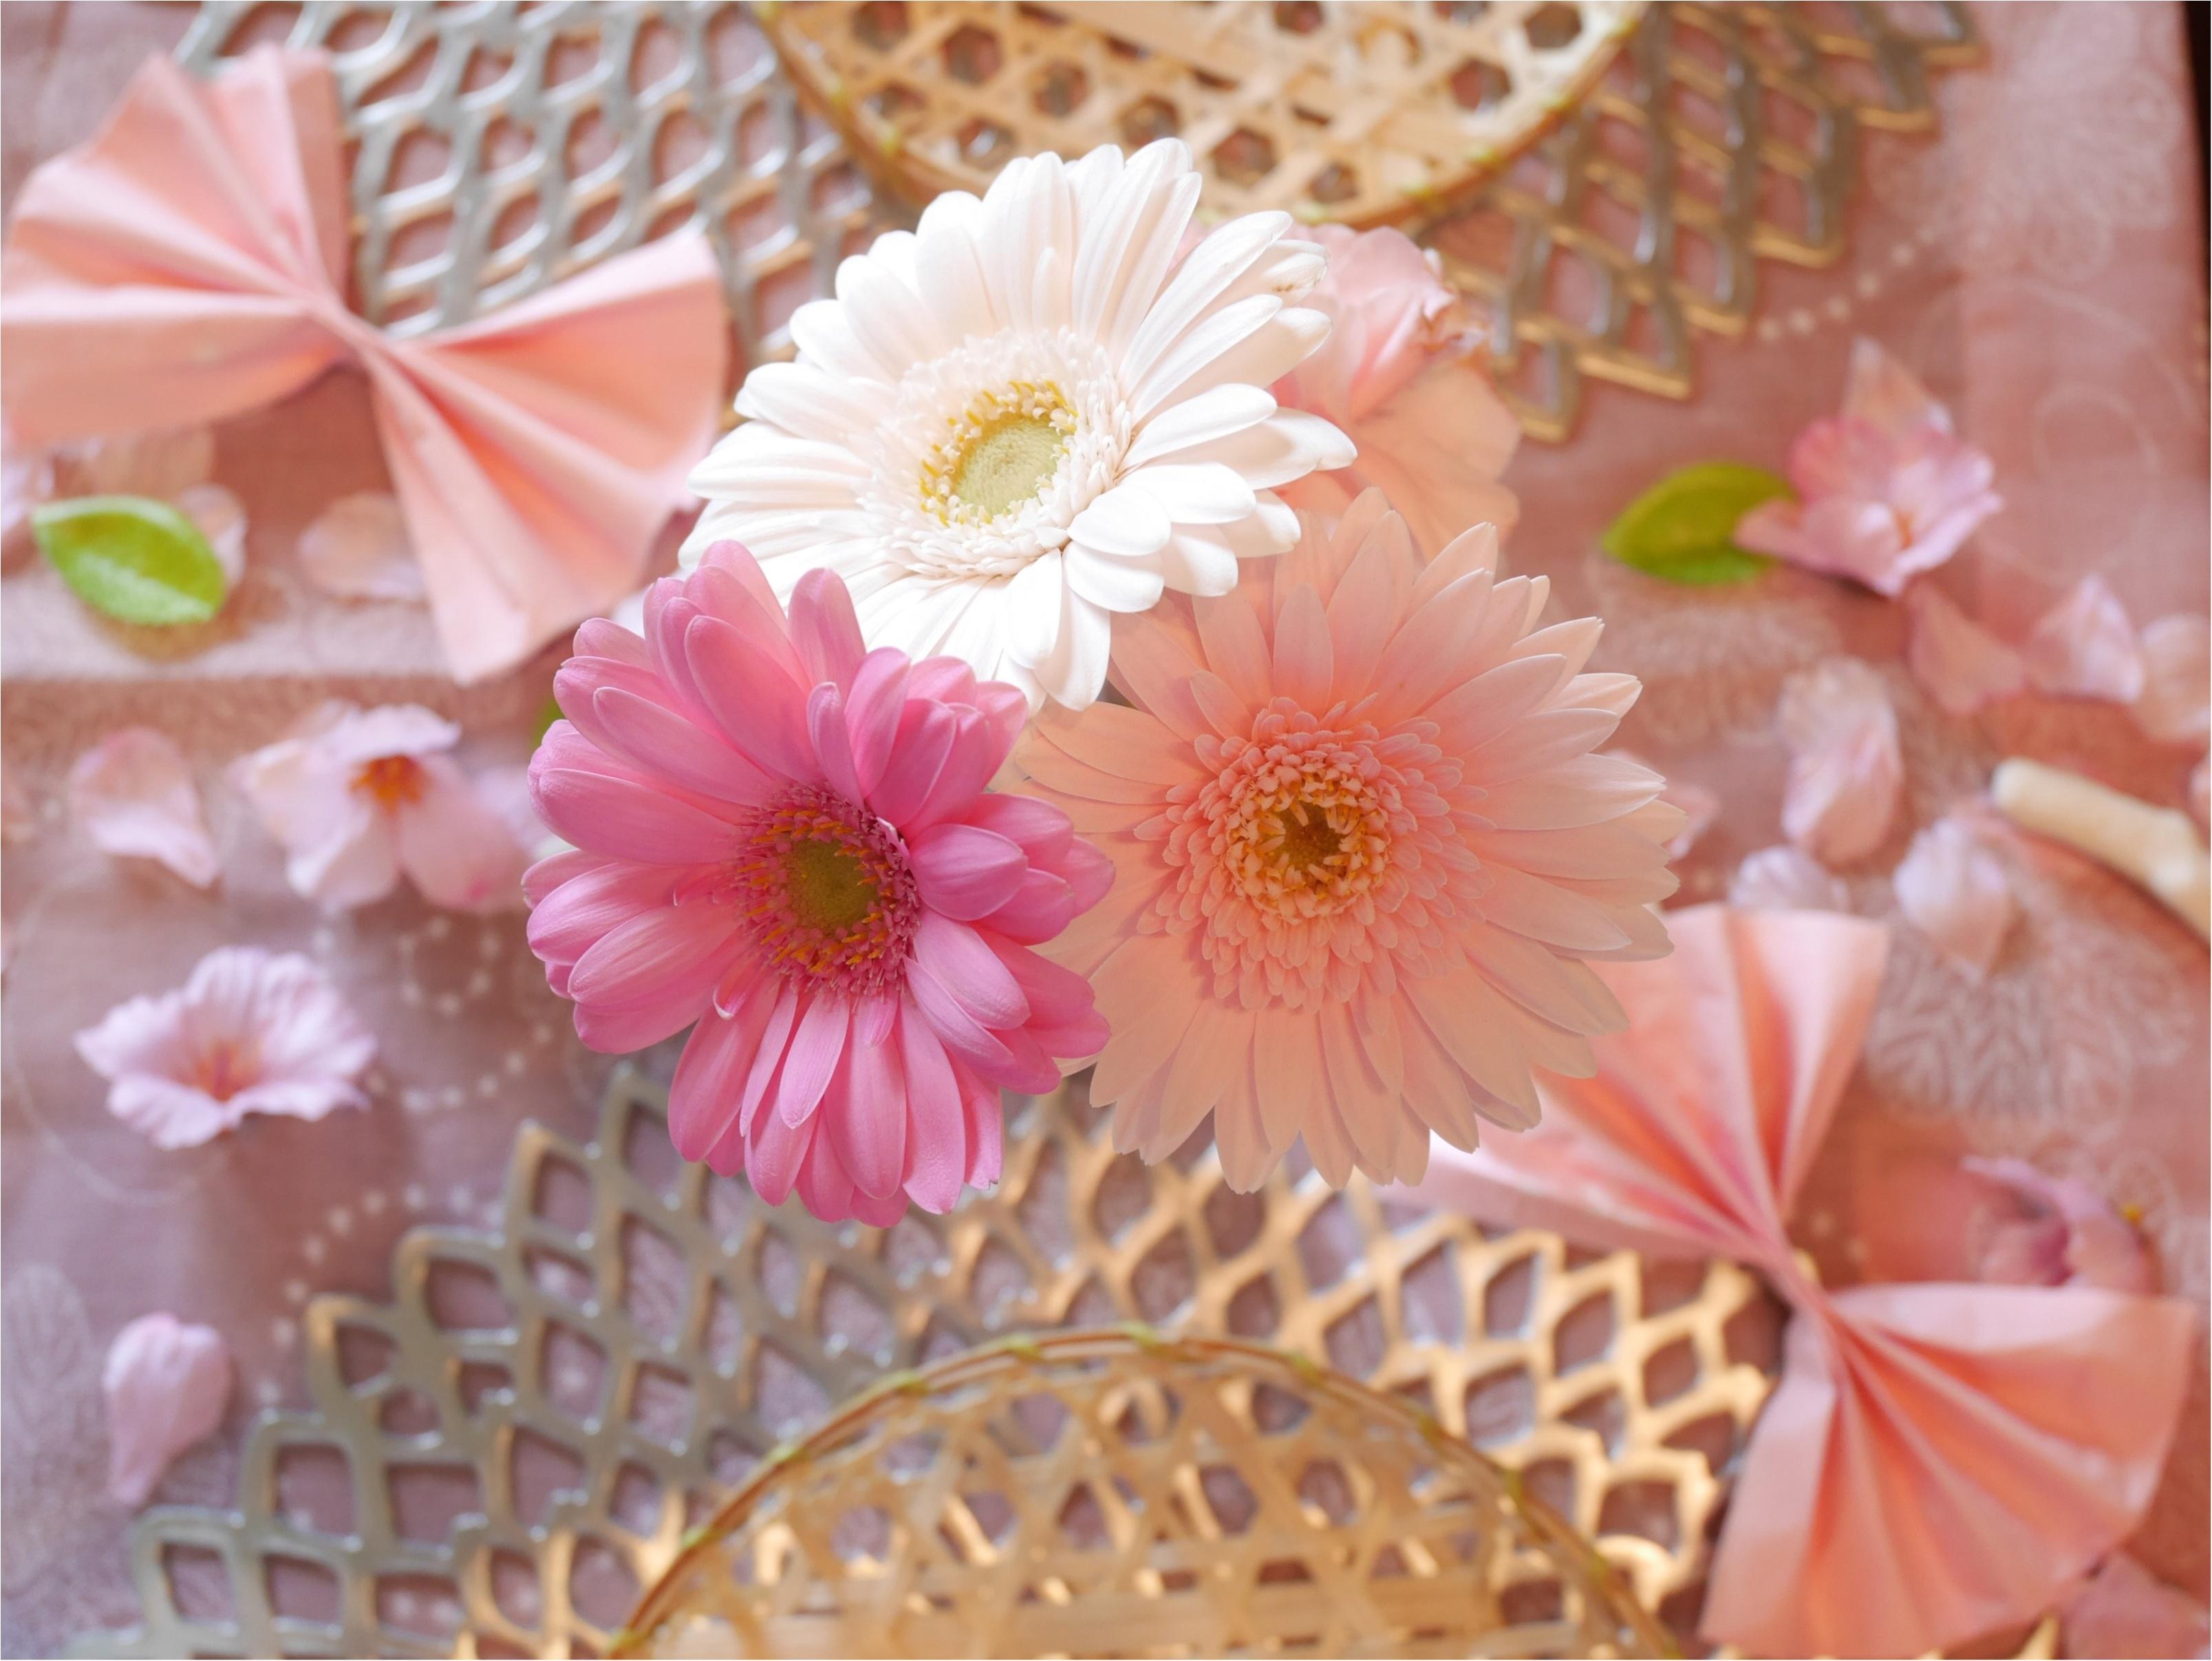 春はスグそこ!「ピンクで華やかにテーブルコーディネートして、手づくりご飯をお家で・・」_1